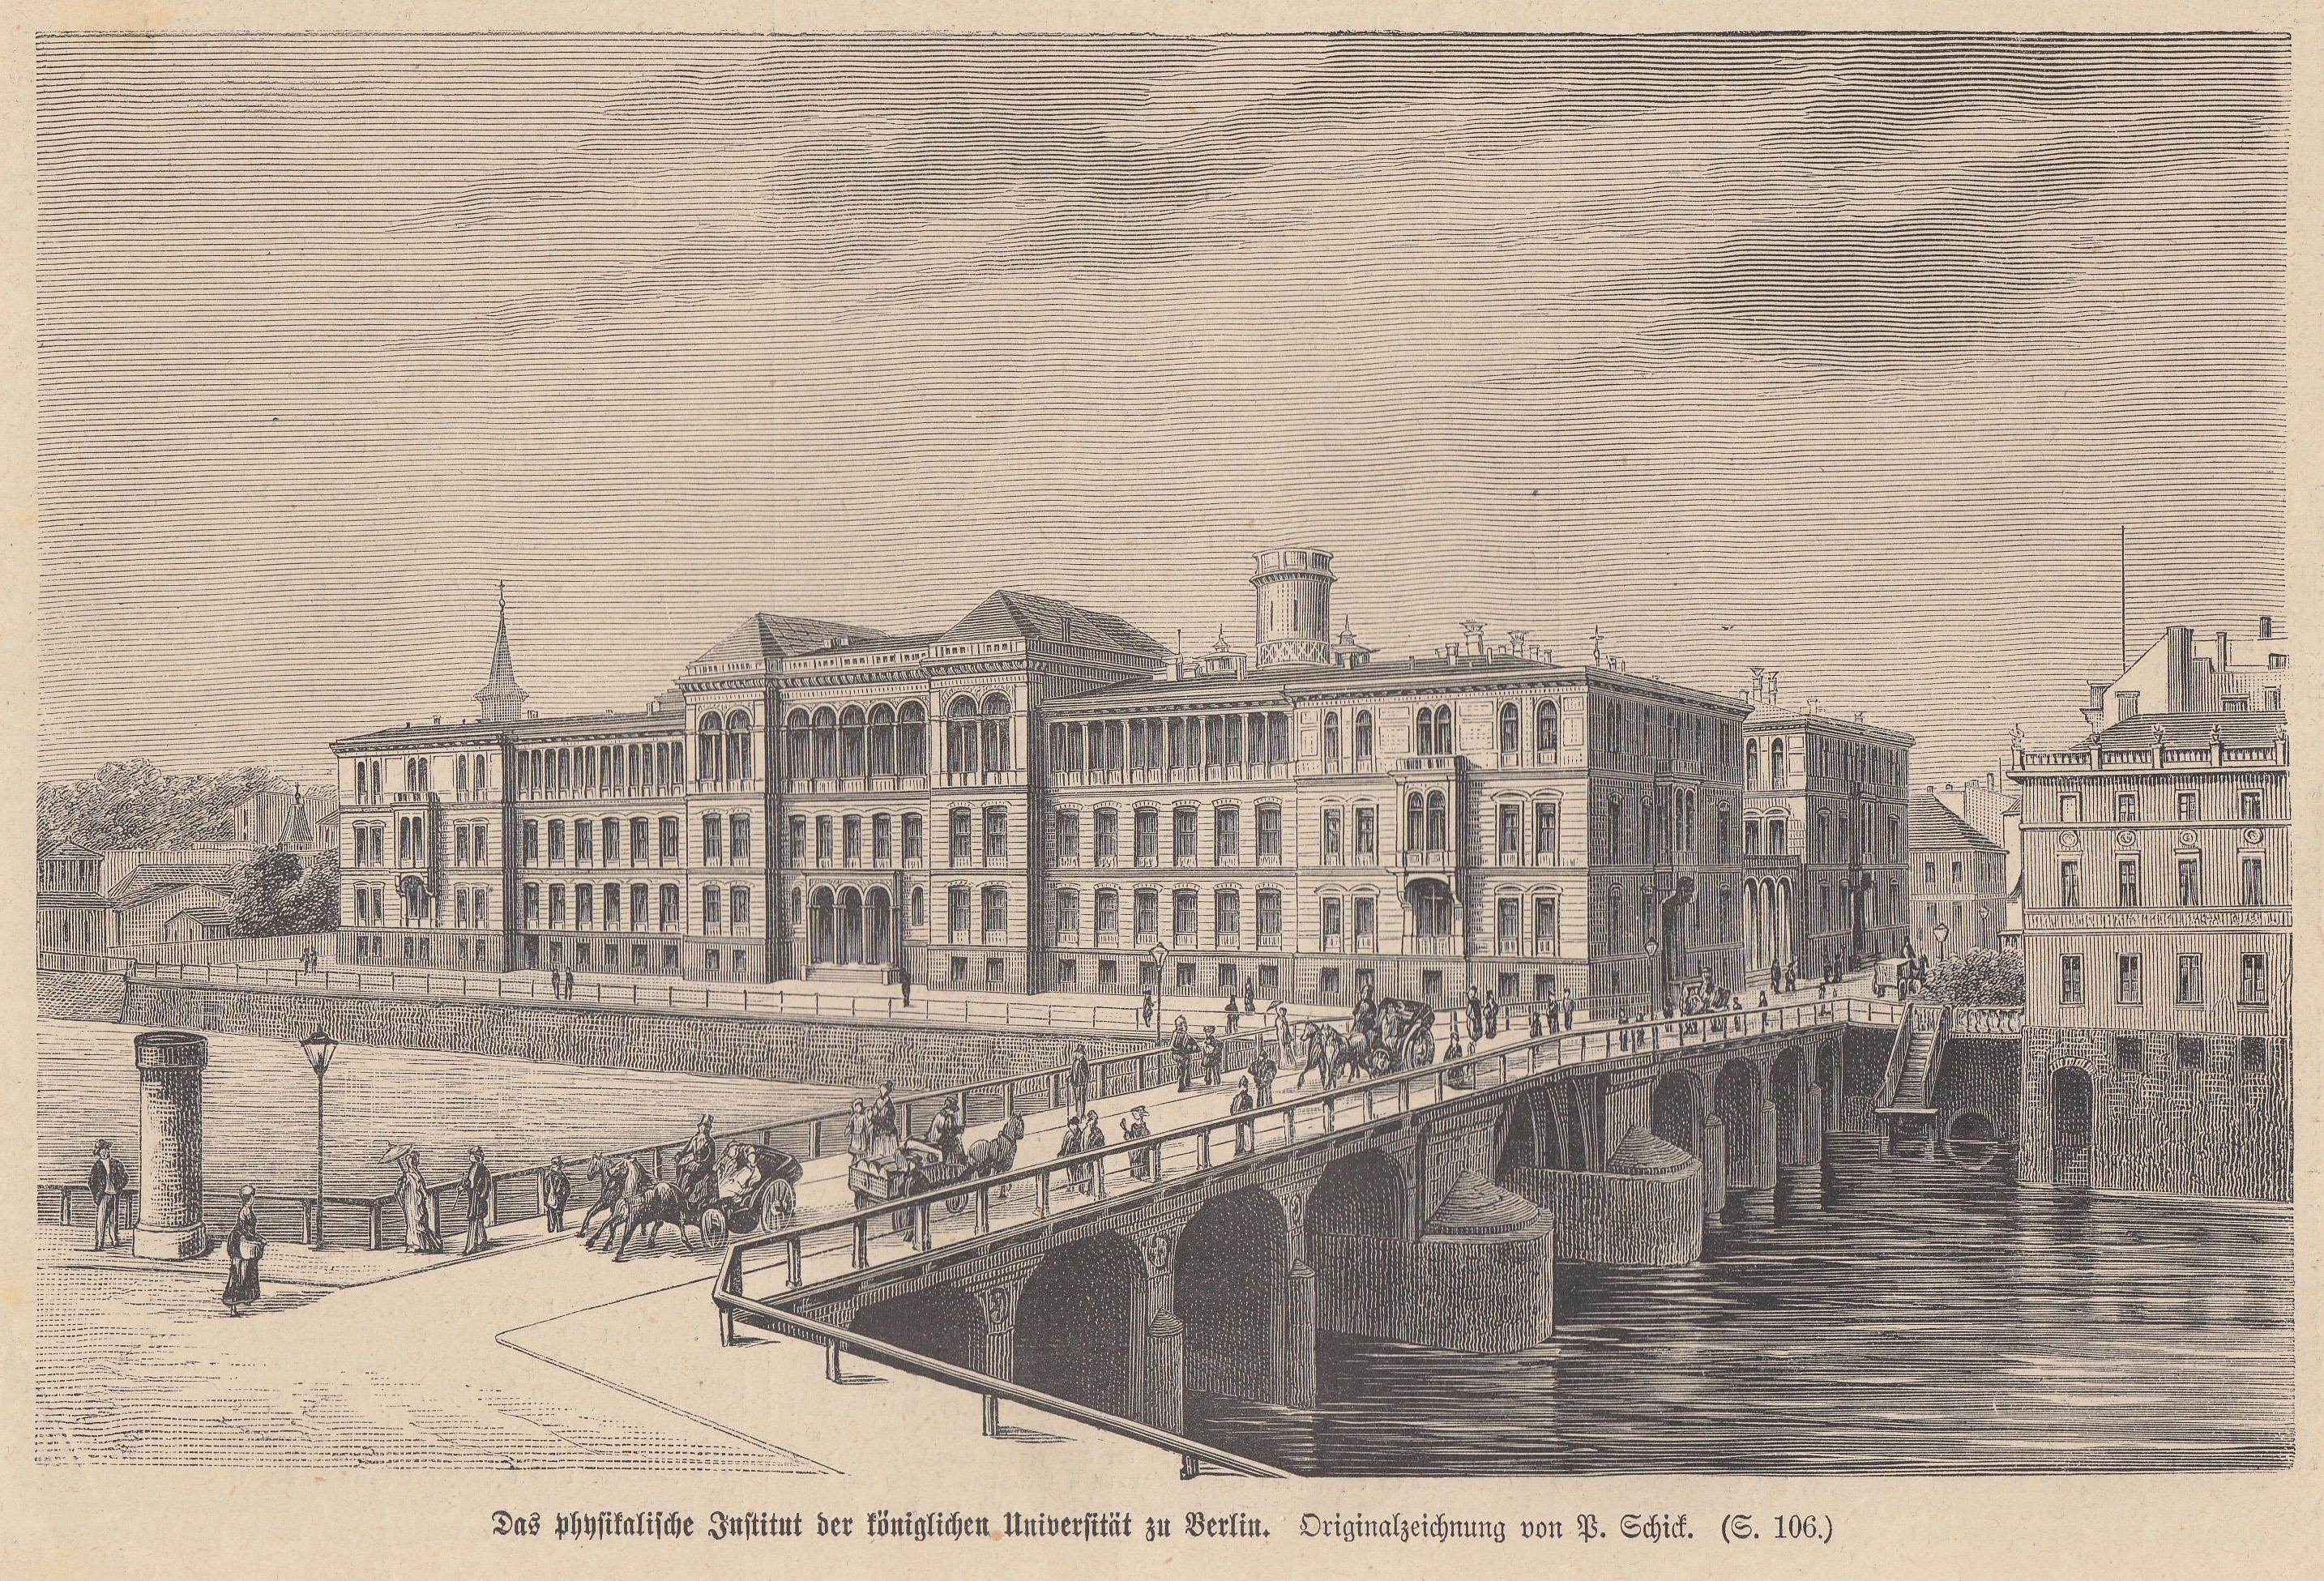 """Physikalisches Institut, """"Das physikalische Institut der königlichen: Berlin - Universität:"""